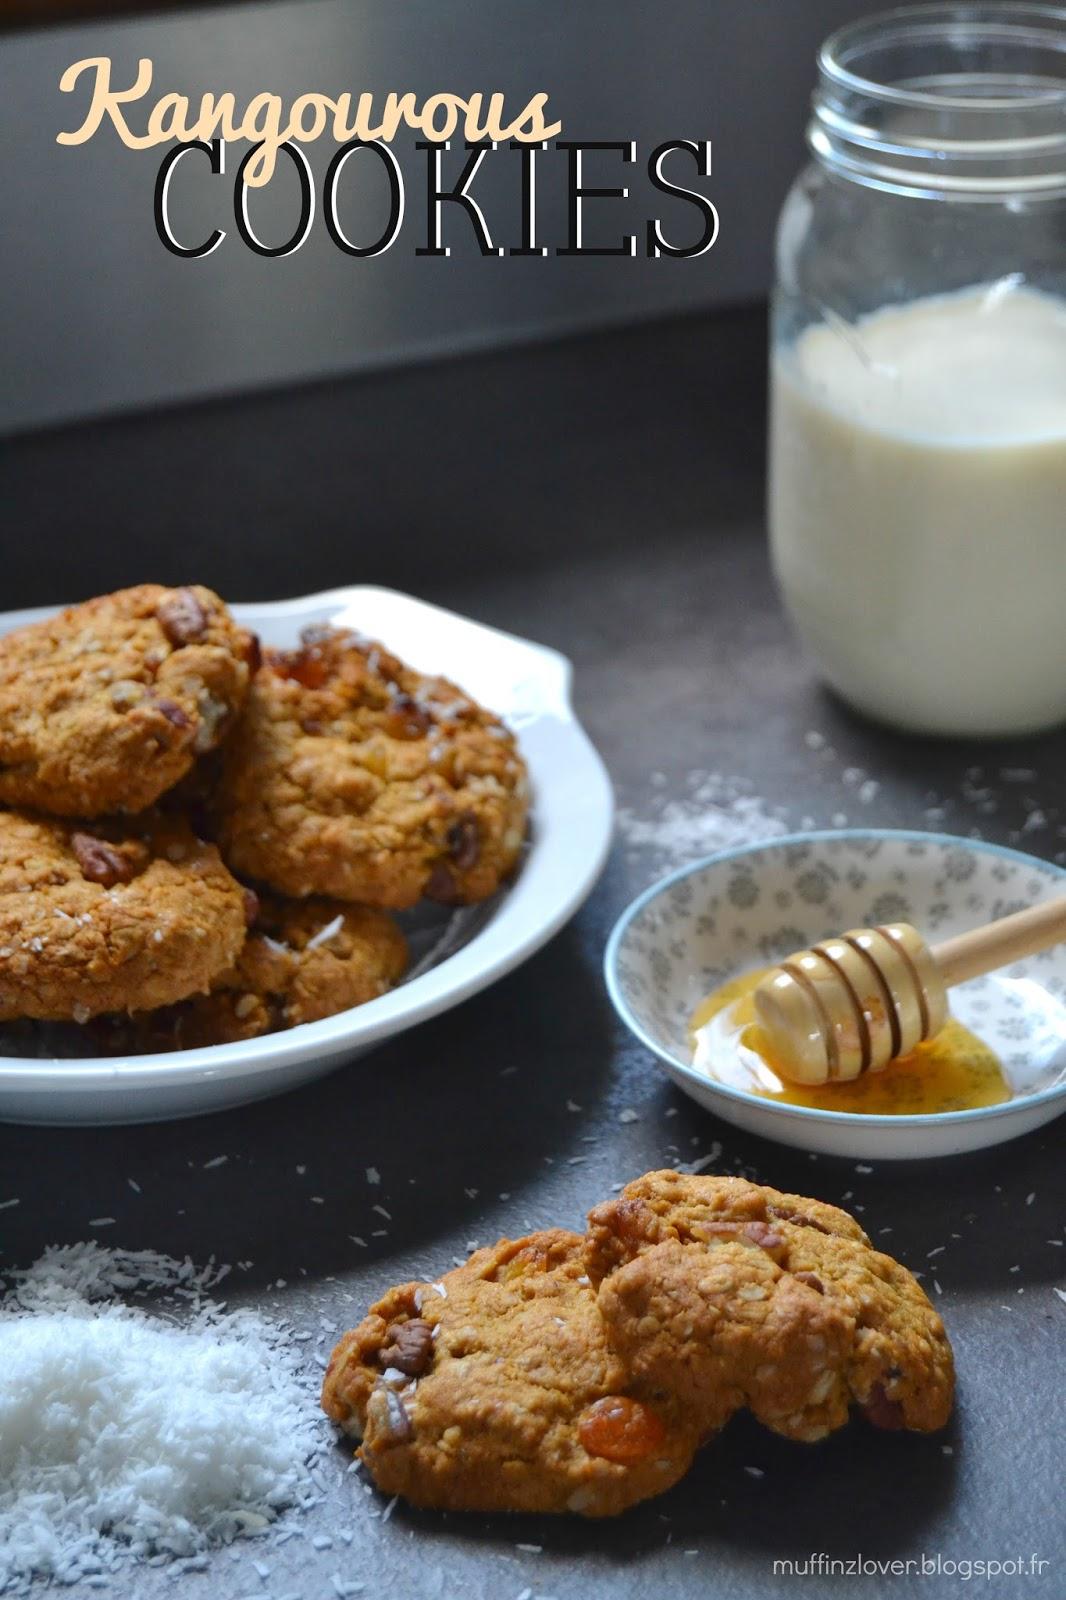 Recette Cookies Kangourous - muffinzlover.blogspot.fr